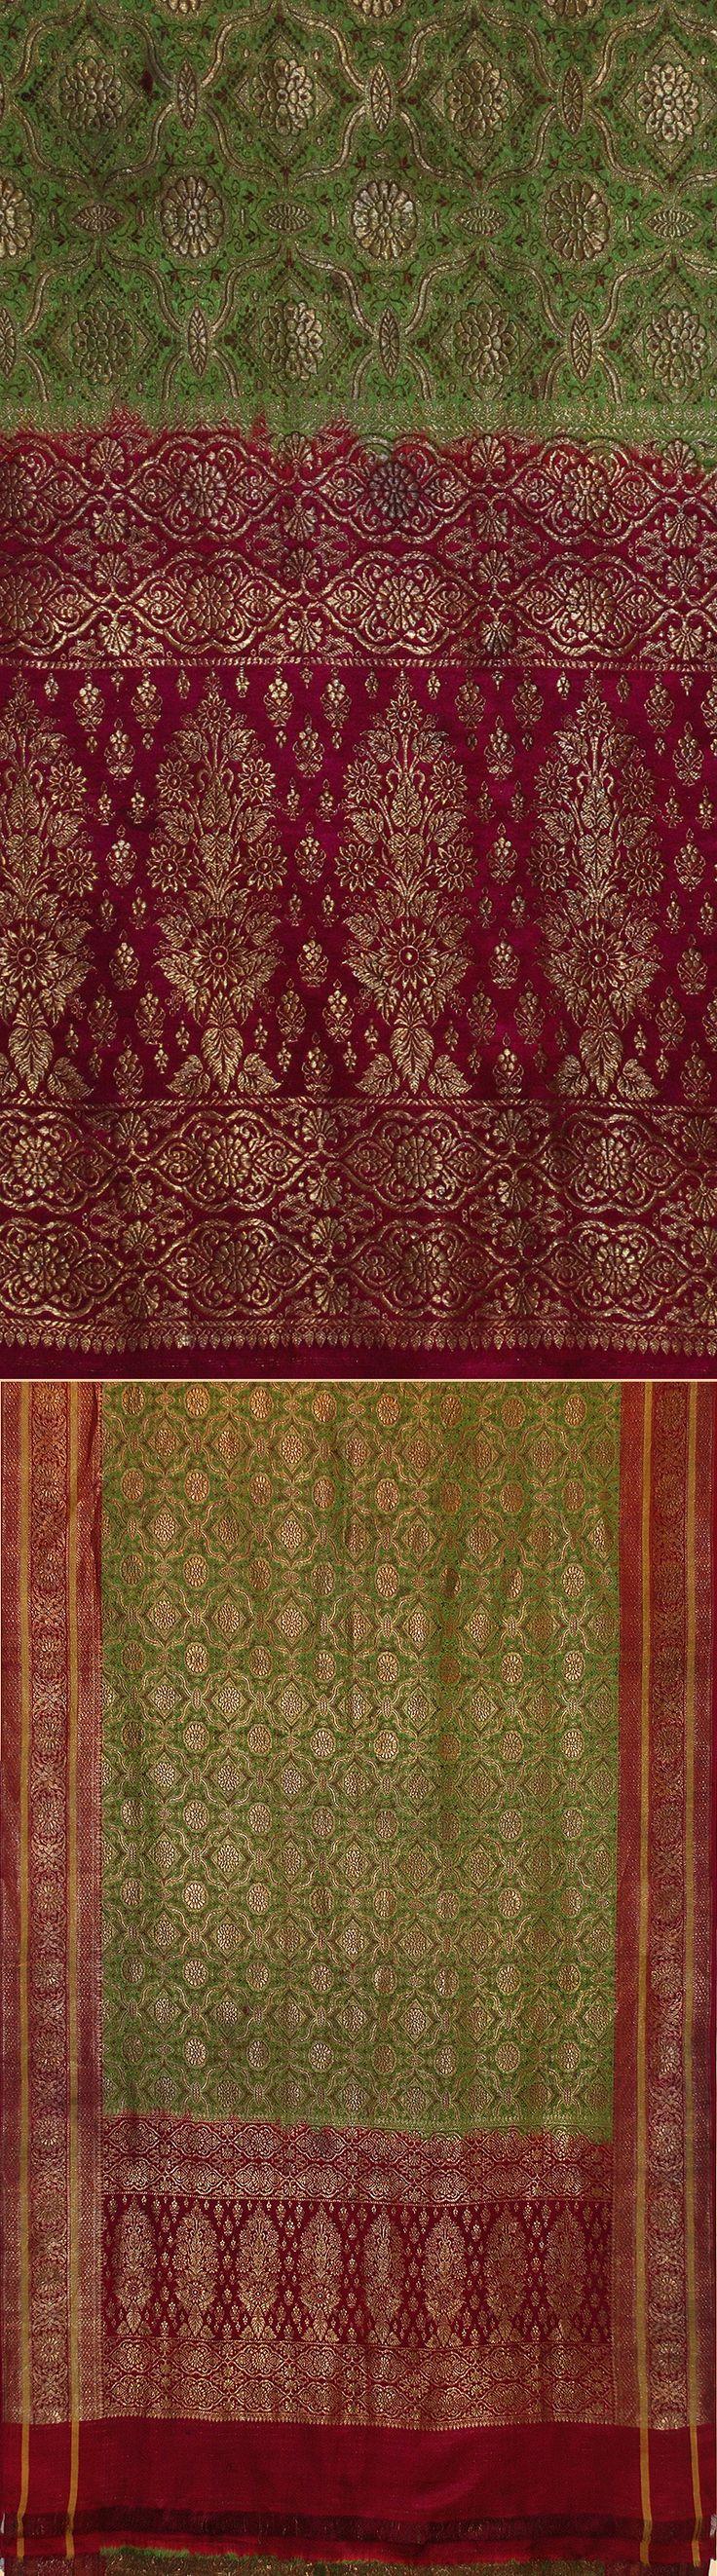 Indian Textiles - TextileAsArt.com, Fine Antique Textiles and Antique Textile Information